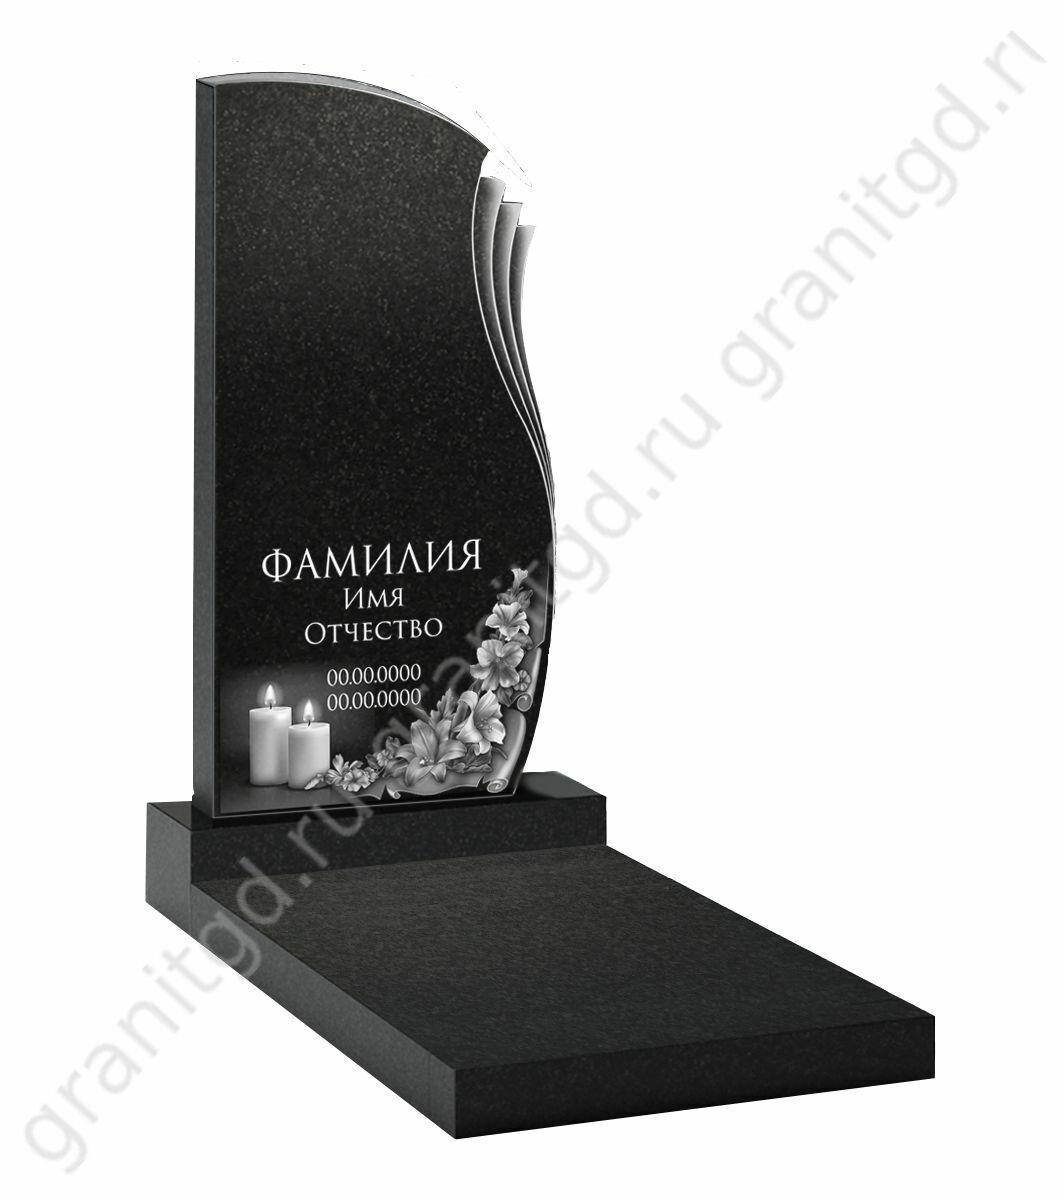 варианты надгробных памятников фото нужно помнить, чтобы